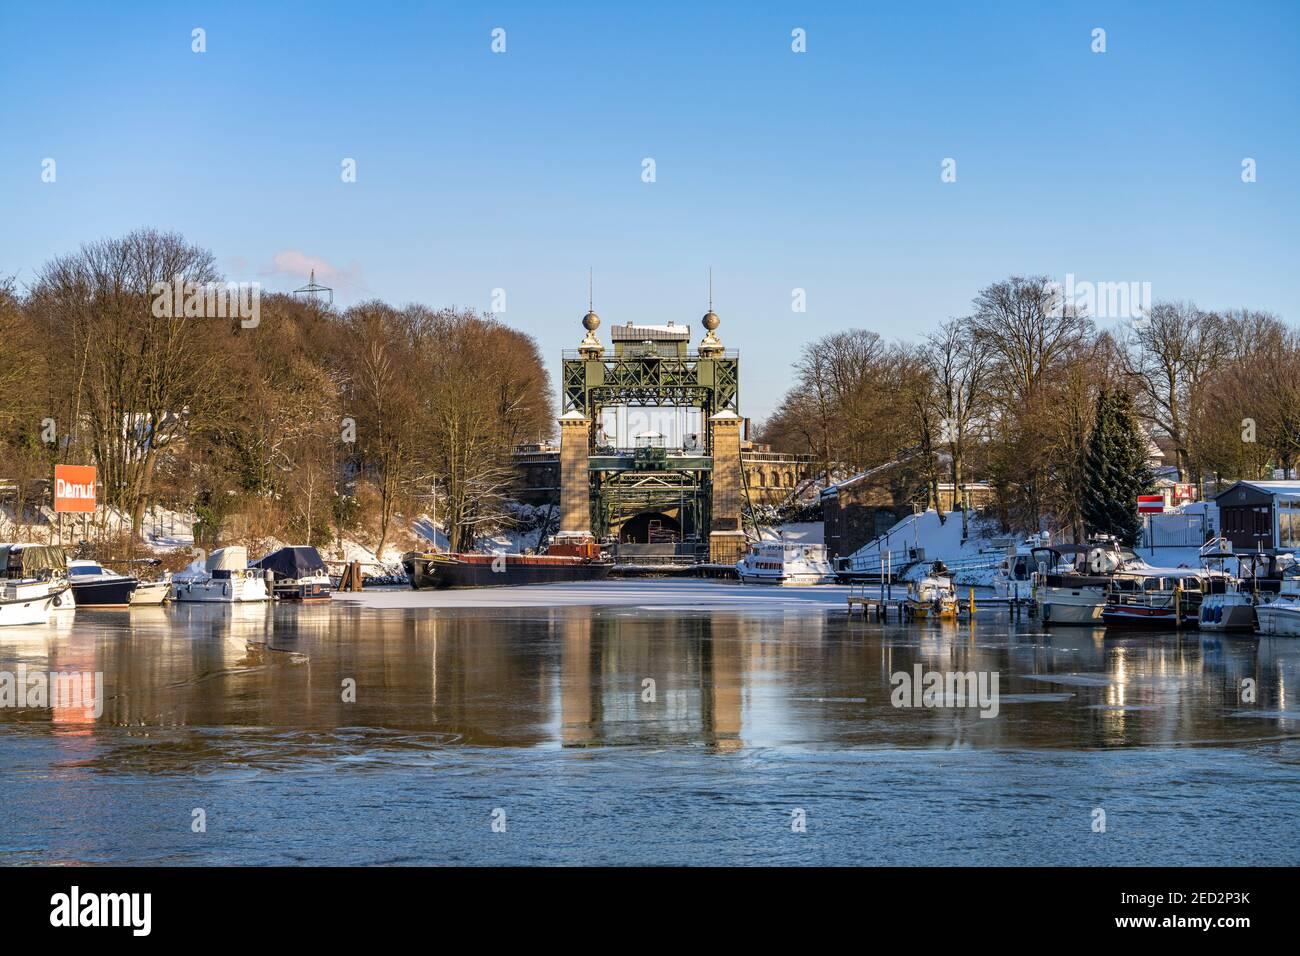 Das alte Schiffshebewerk Henrichenburg am Dortmund-EMS-Kanal in Waltrop, Nordrhein-Westfalen, Deutschland, Europa | Historic Henrichenburg boat lift i Foto Stock